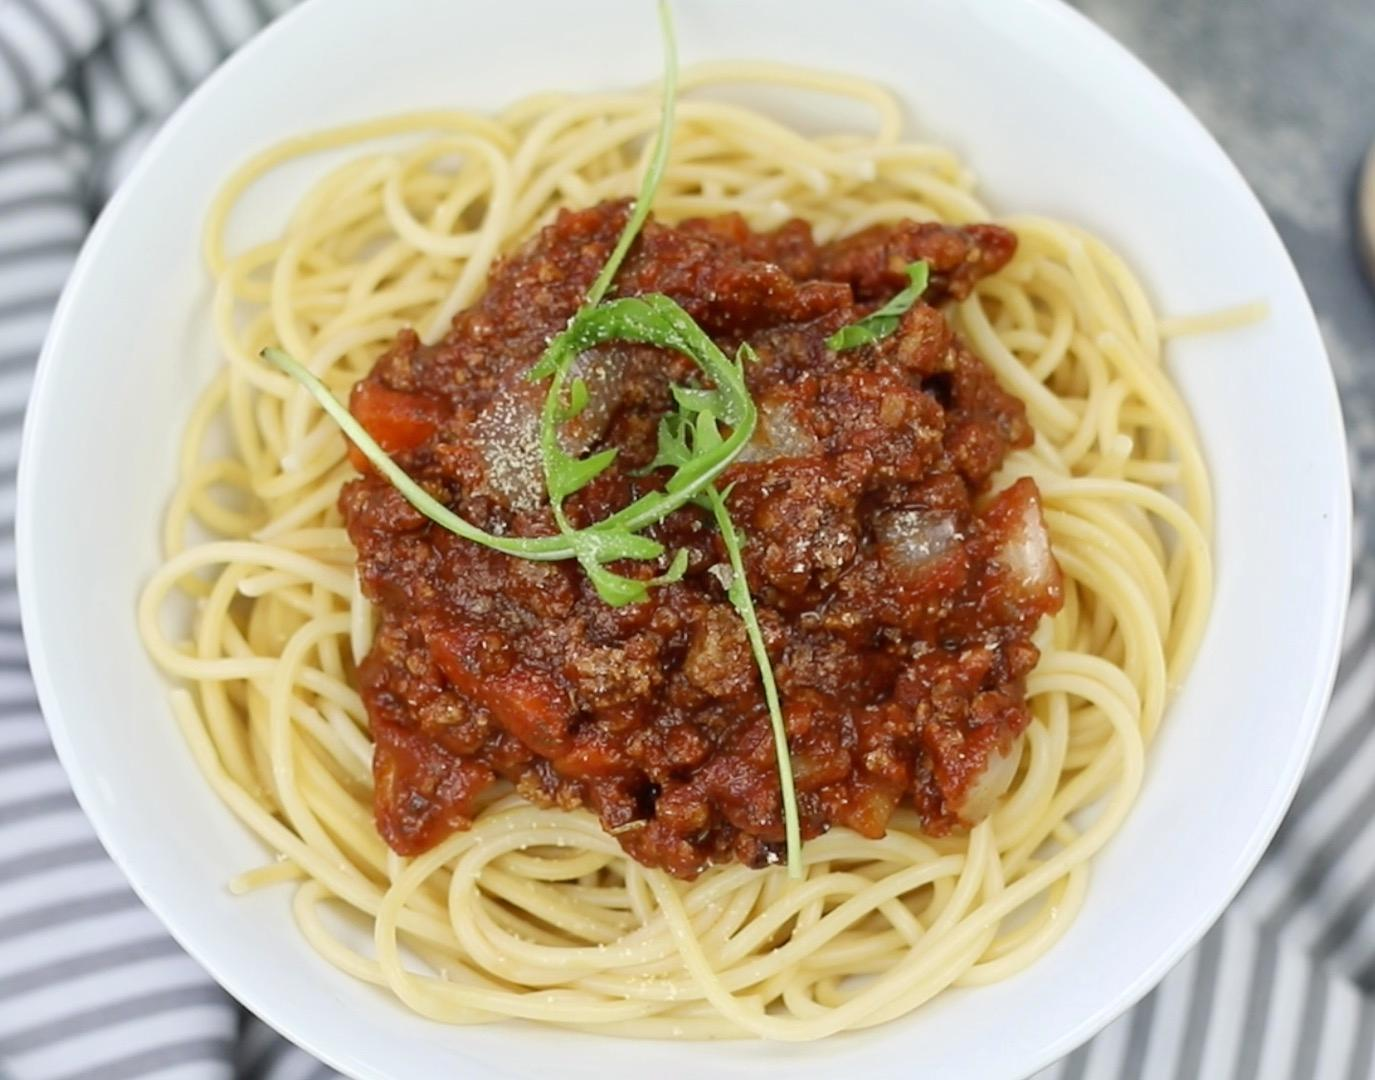 vegane rezepte - für genuss mit gutem gewissen | brigitte.de - Schnelle Vegane Küche